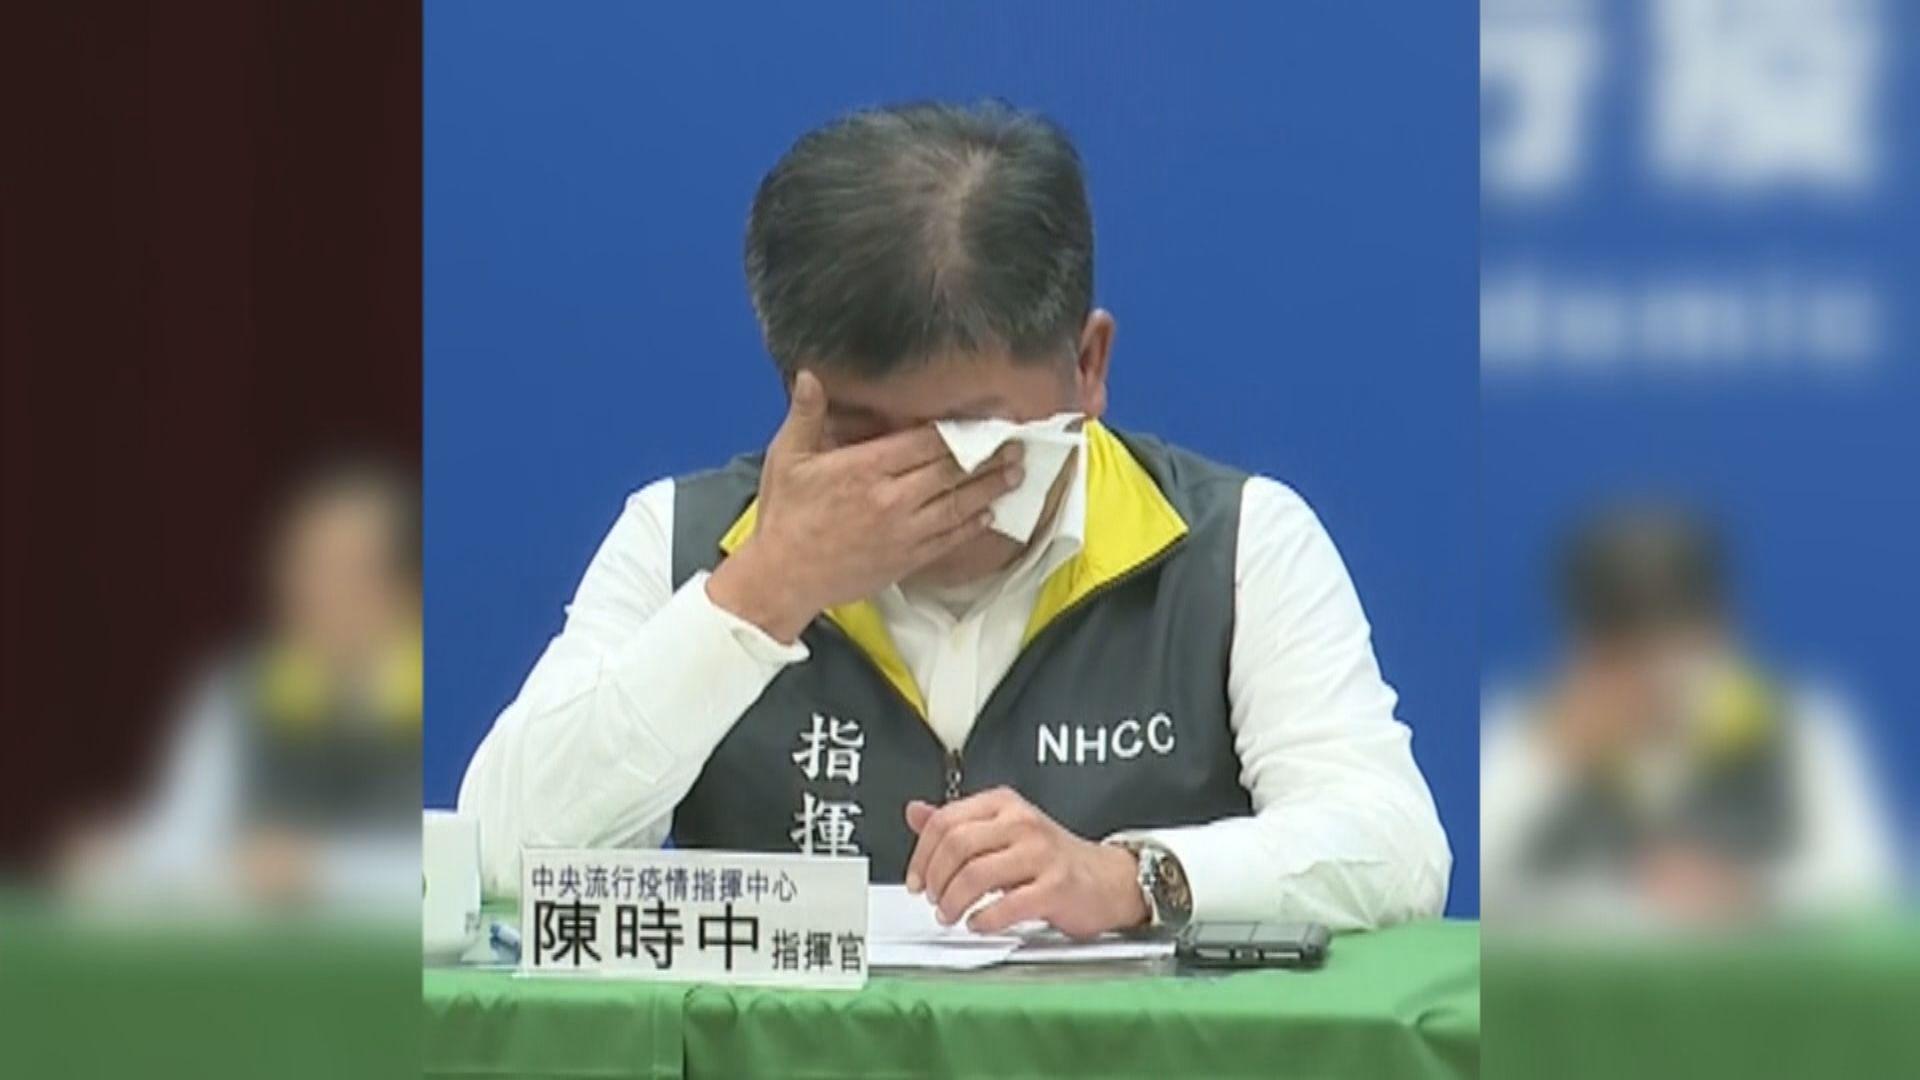 【環球薈報】台灣衛福部長公開落淚 民眾表達關心